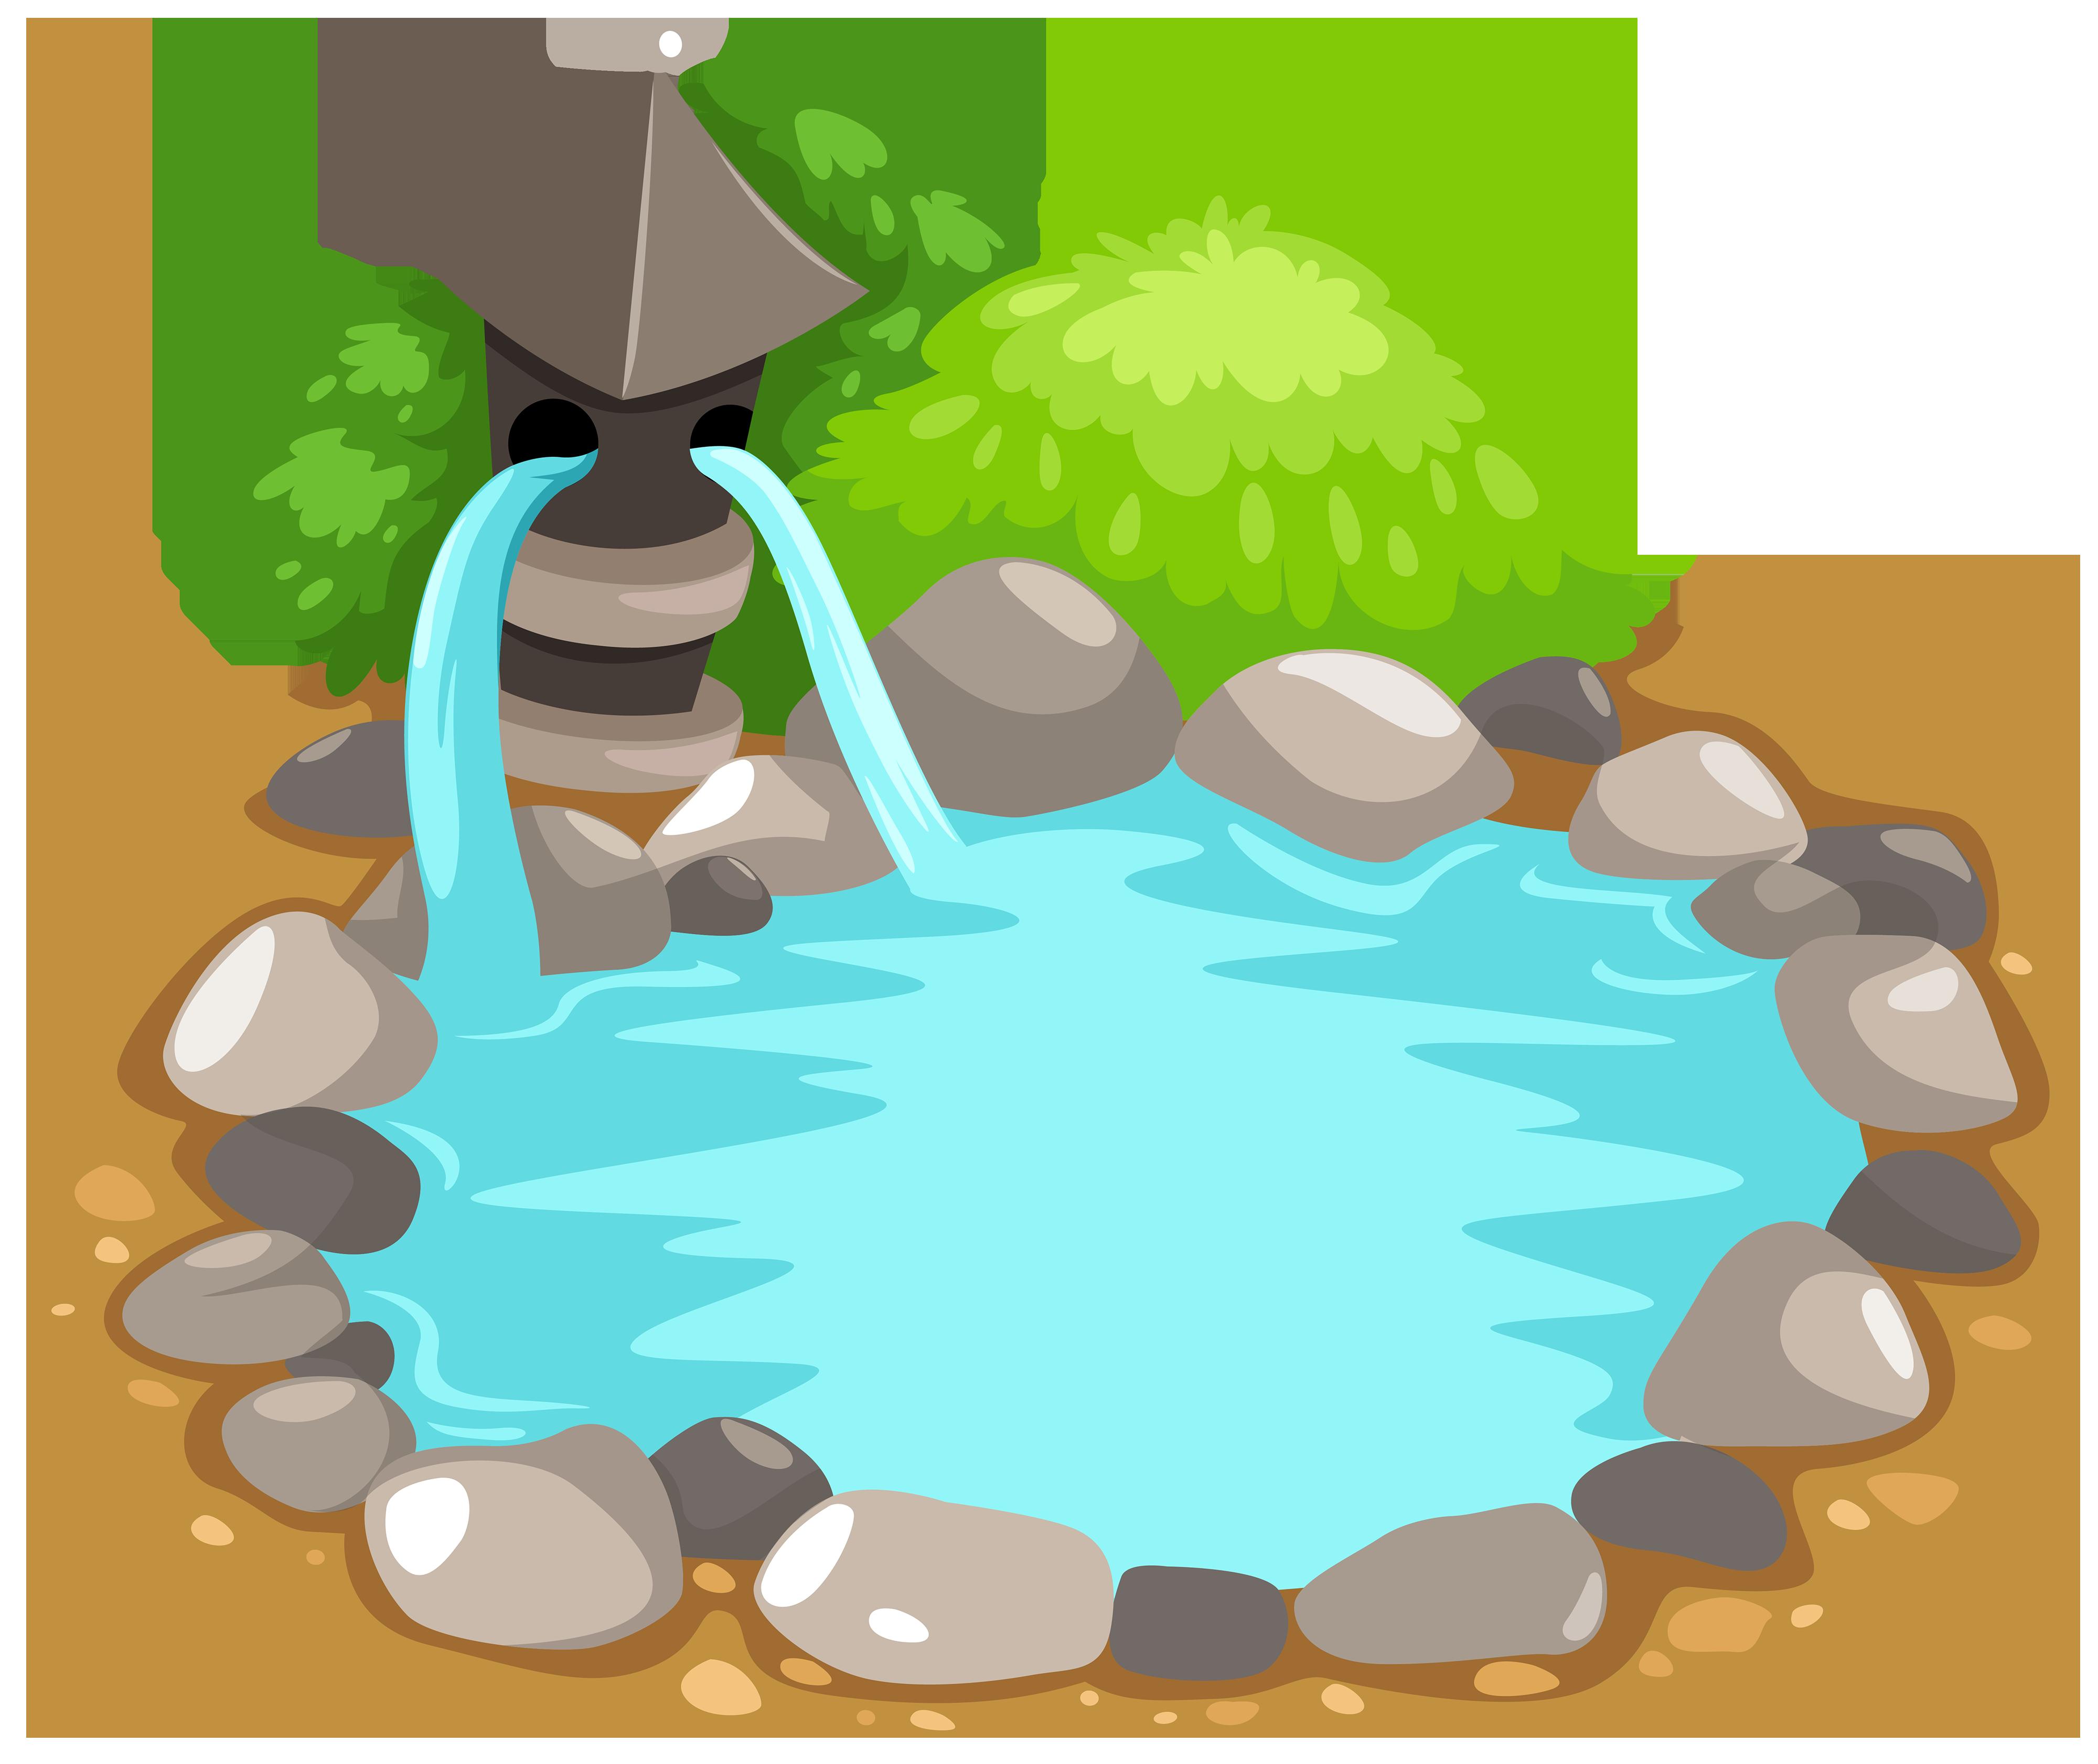 Pond clipart web